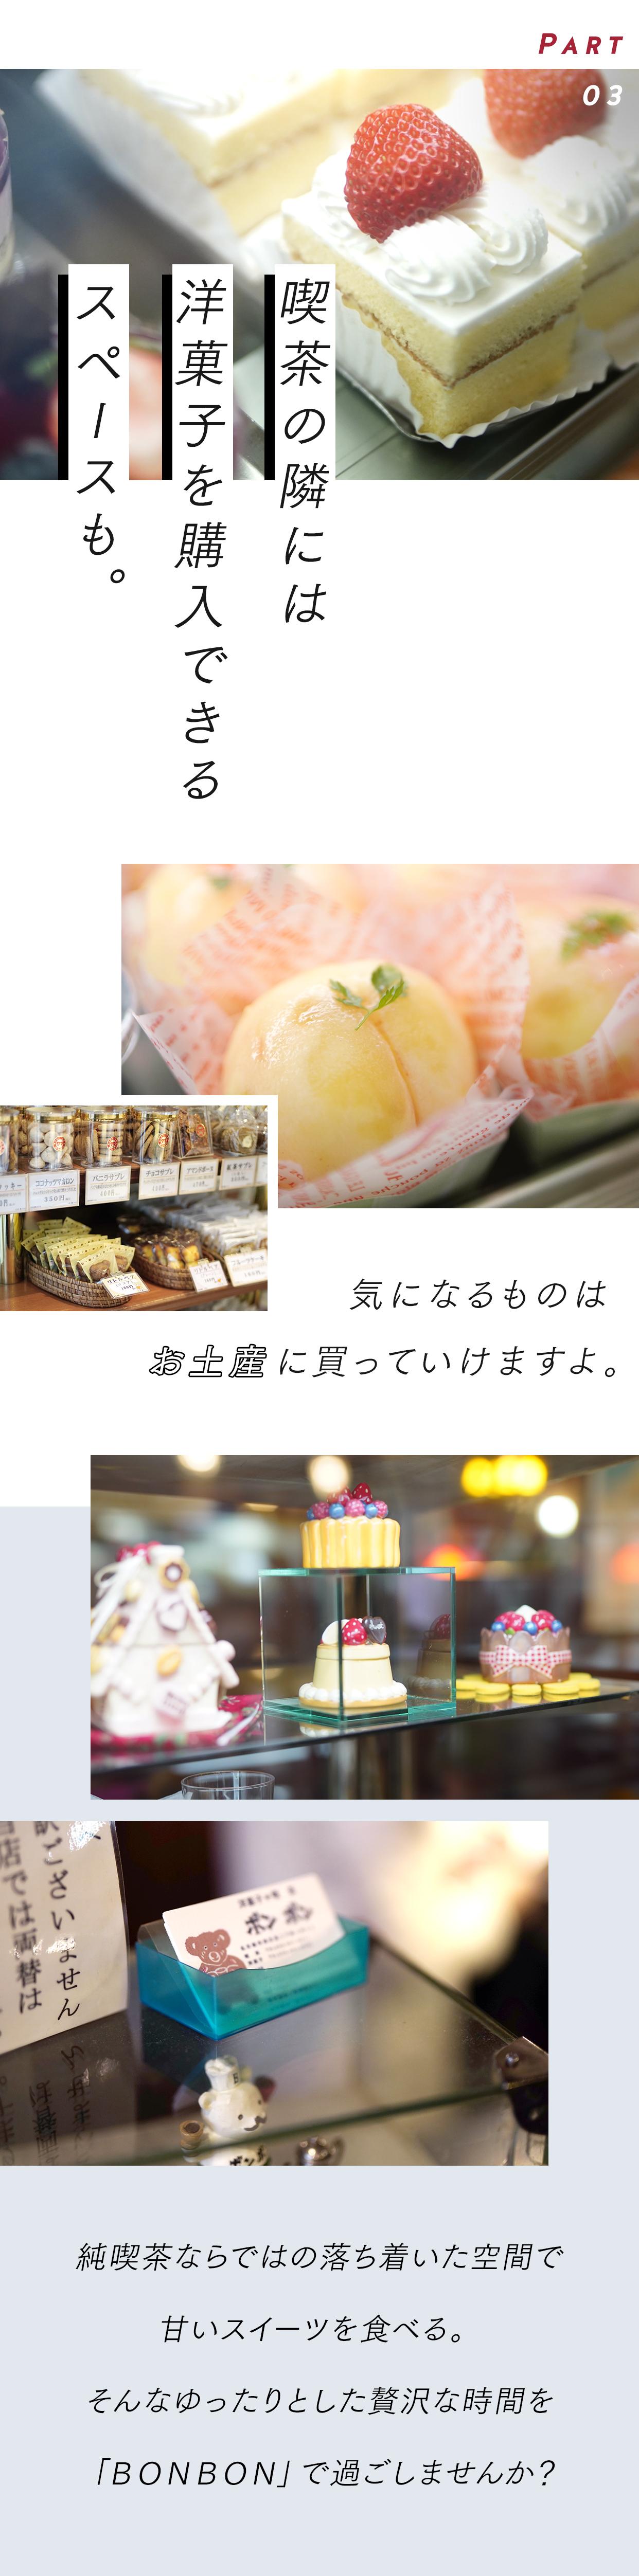 レトロとプリン。名古屋の老舗喫茶「ボンボン」でちょっとお茶でもしませんか。 - bonbon 06